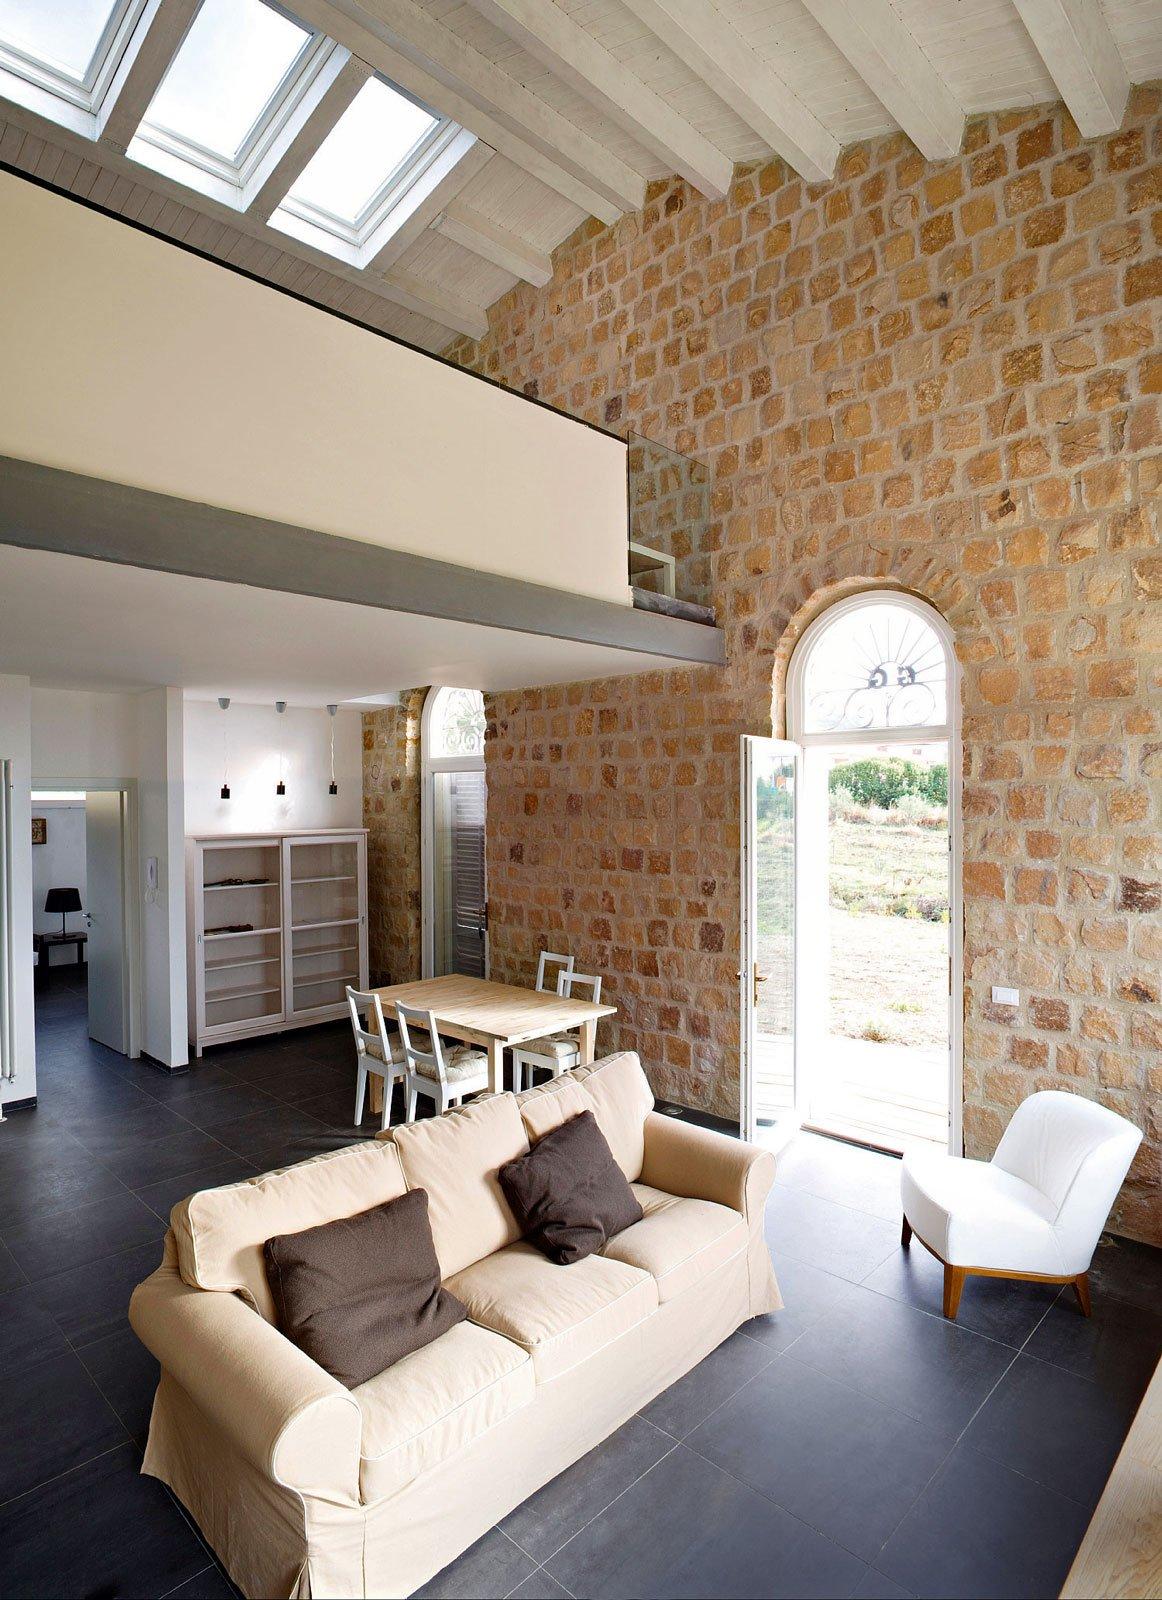 Atmosfere mediterranee per il restauro conservativo di un'azienda ...